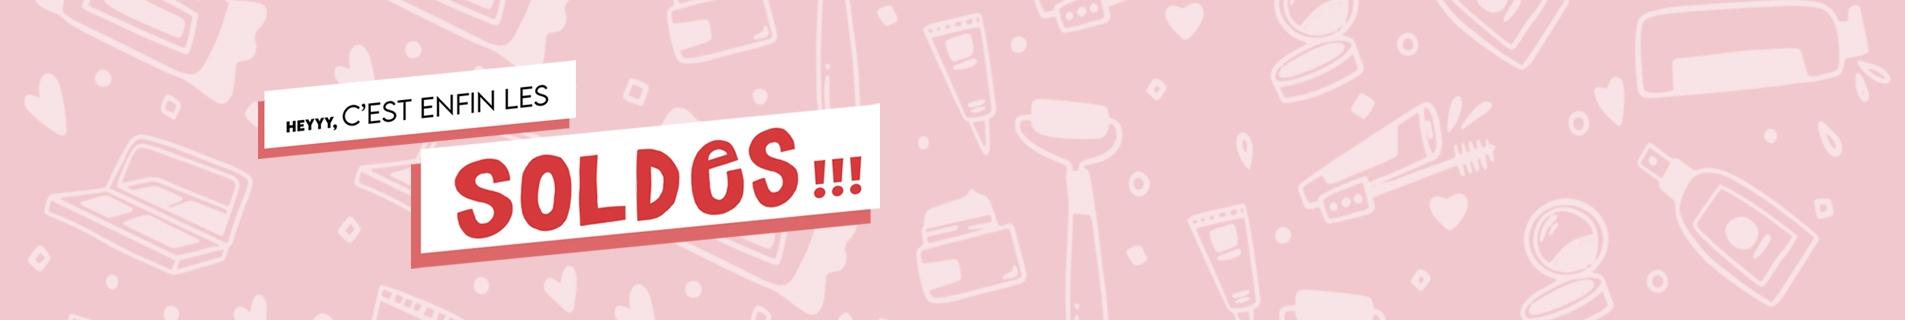 Soldes beauté SAGA Cosmetics | Maquillage pas cher